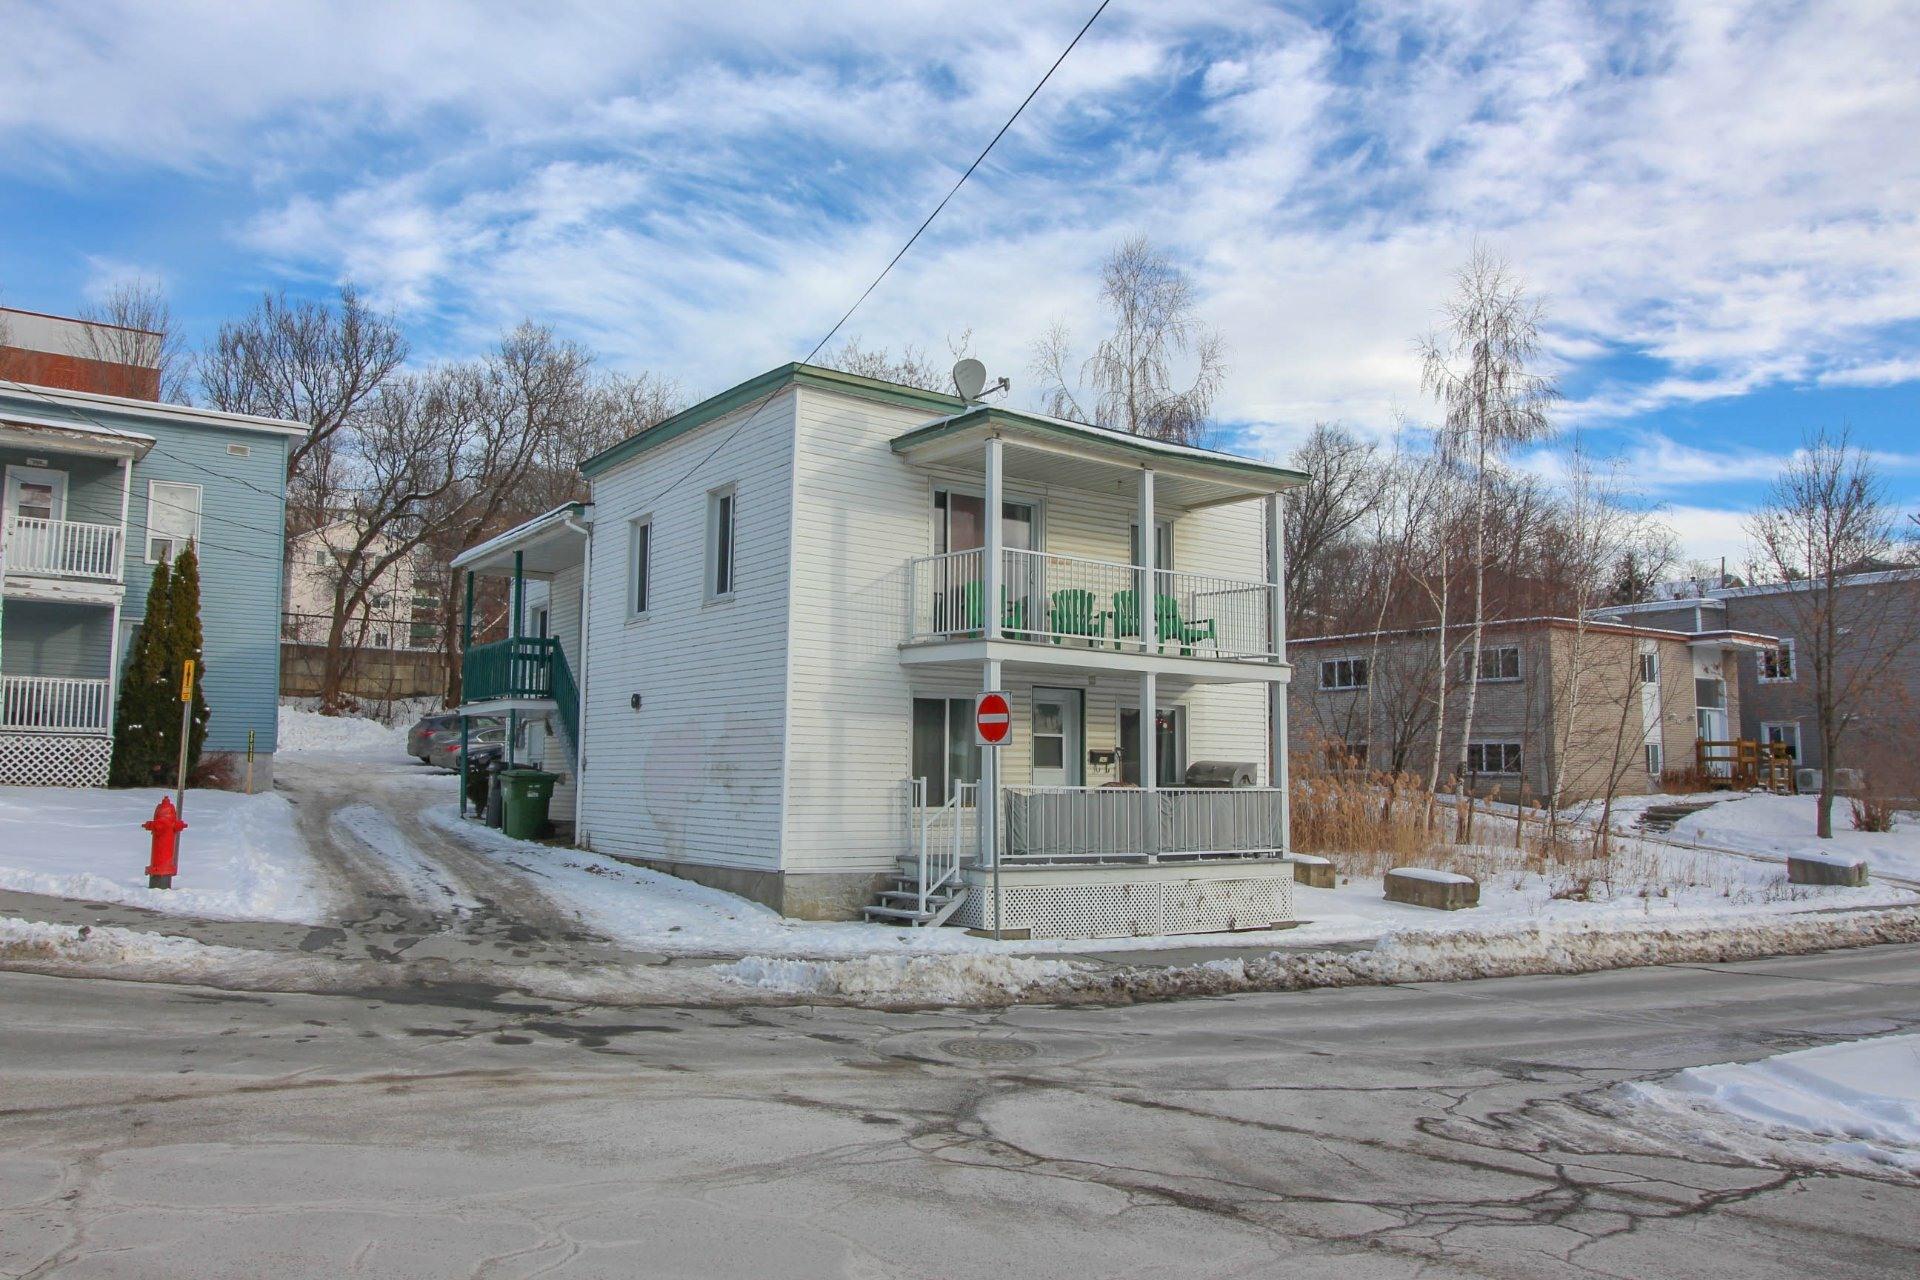 image 25 - Duplex À vendre Fleurimont Sherbrooke  - 4 pièces